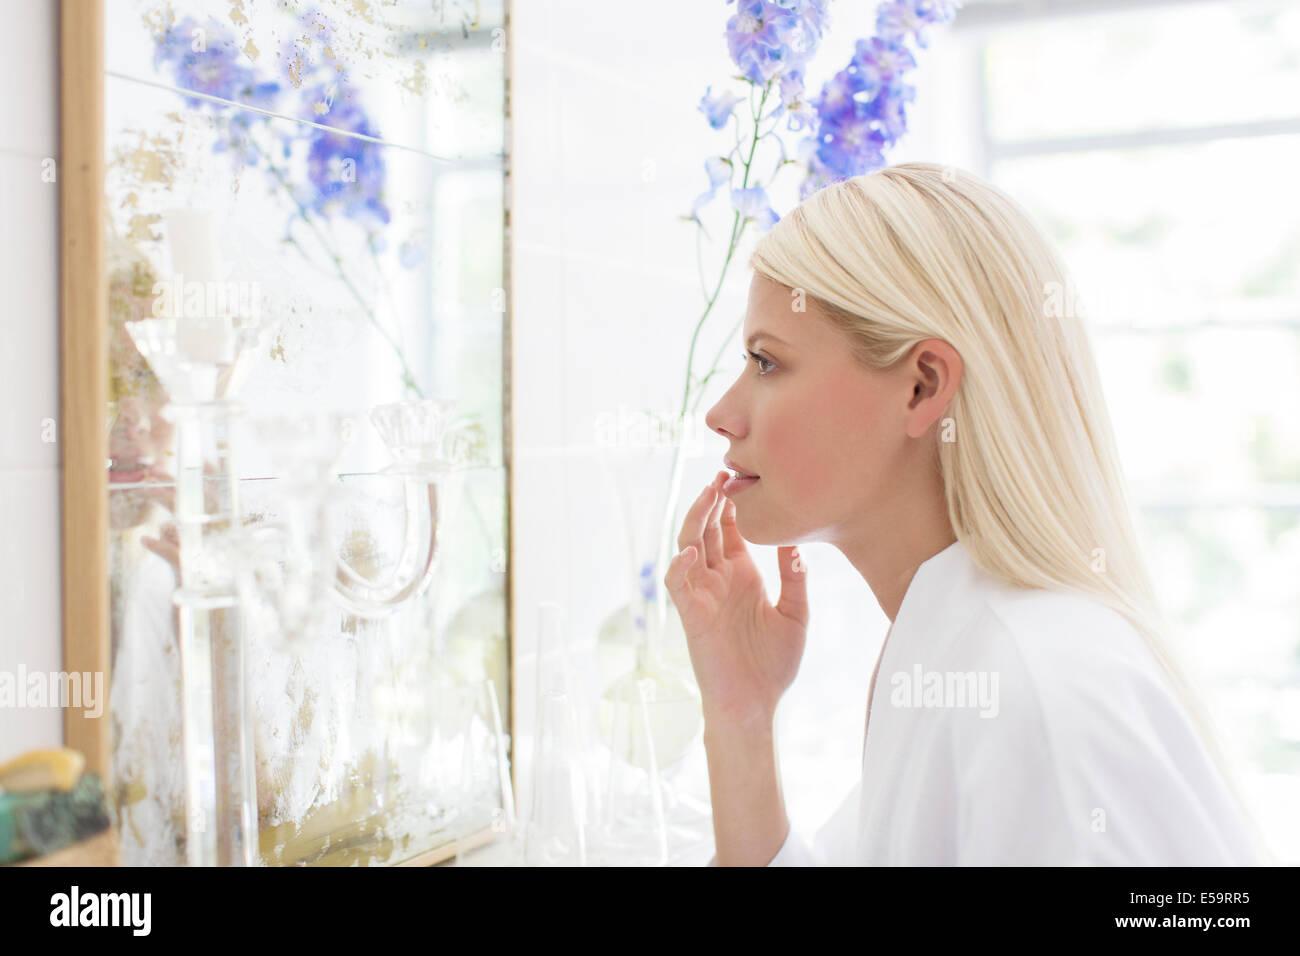 Frau, die selbst im Badezimmerspiegel bewundern Stockbild